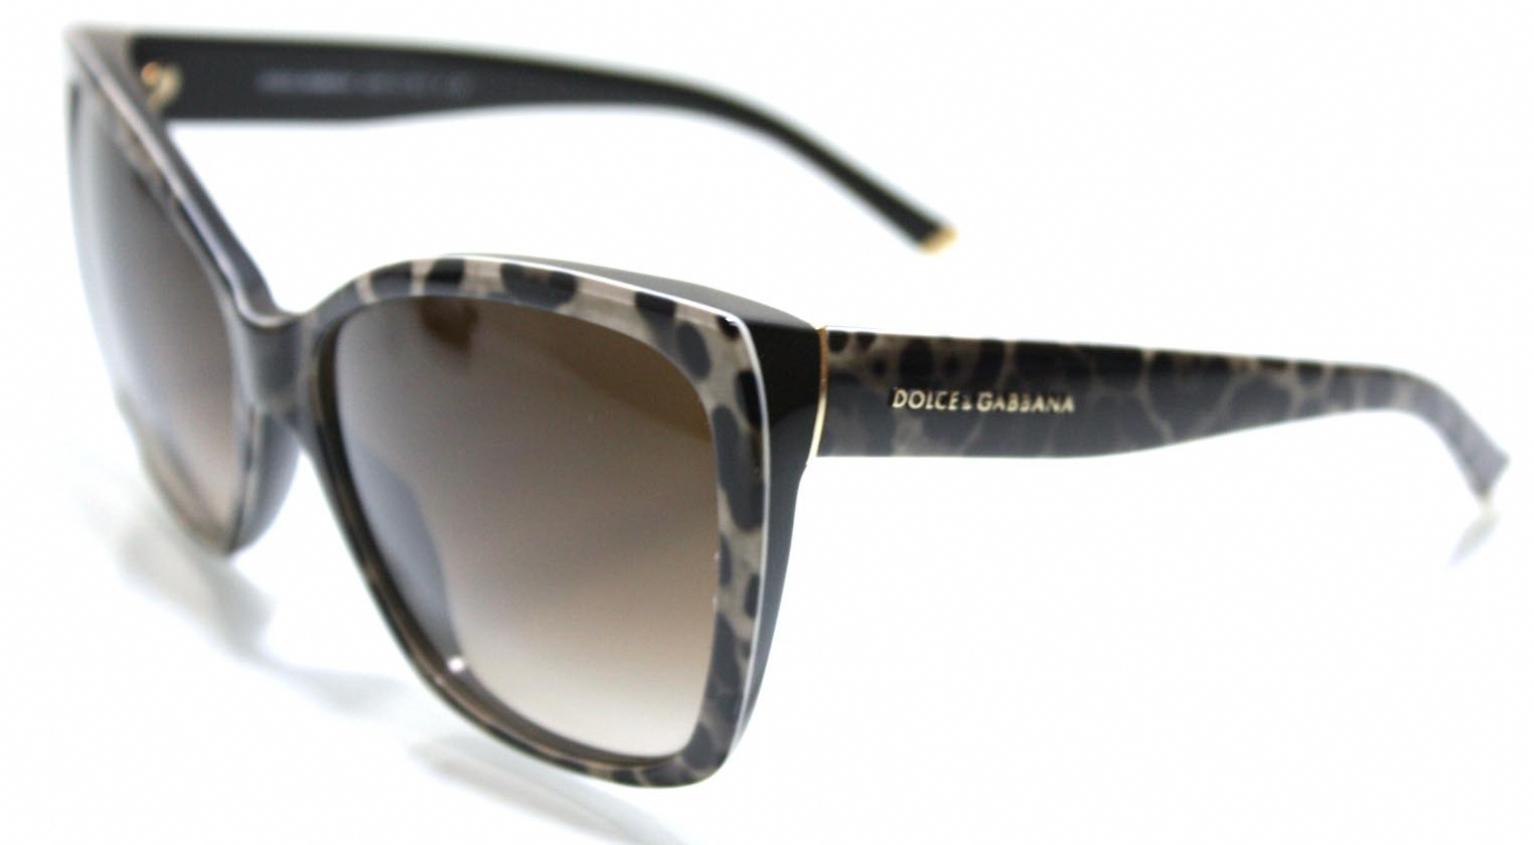 dolce gabbana sunglasses 15xh  dolce gabbana sunglasses